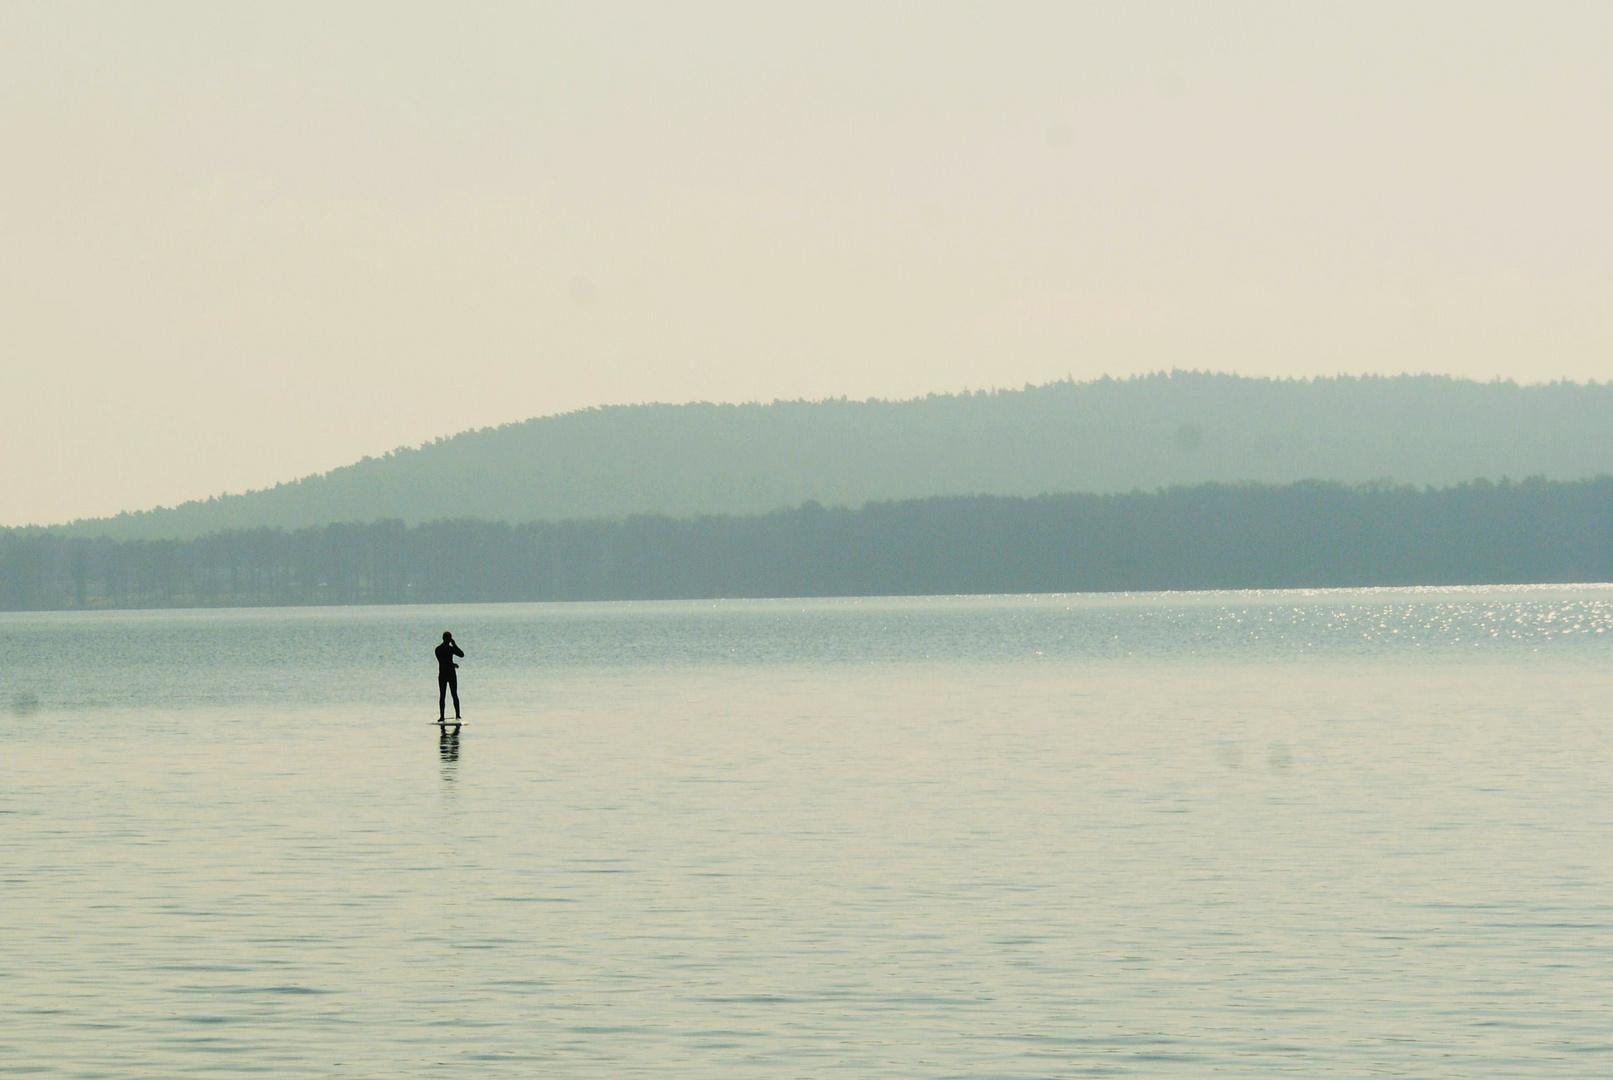 Der Mensch ist eine Insel